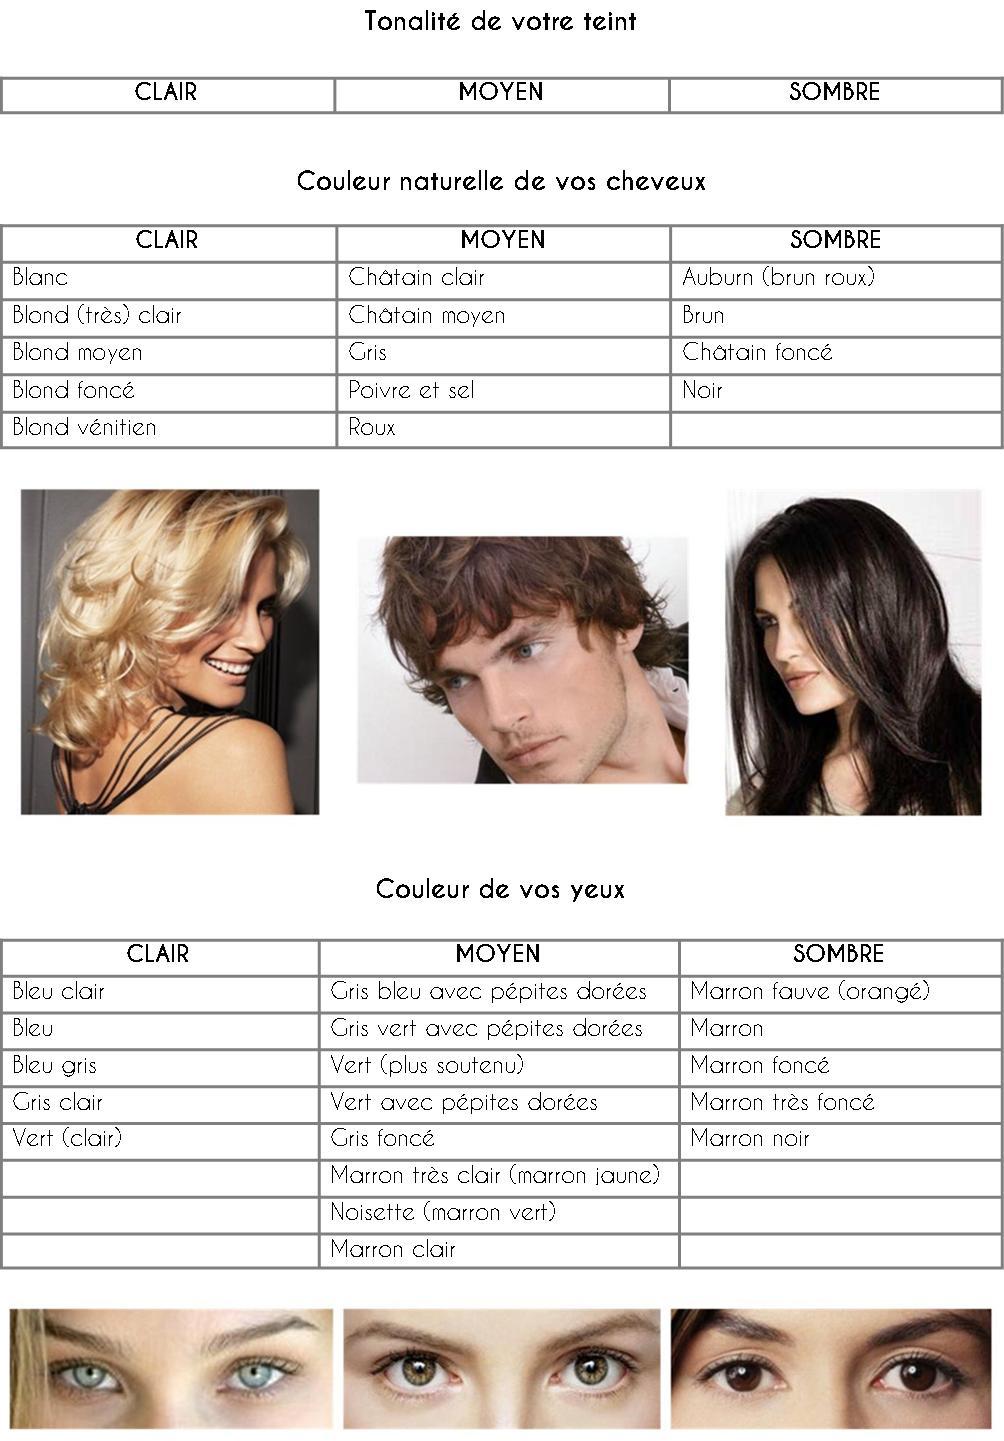 Quel couleur de cheveux choisir pour une brune